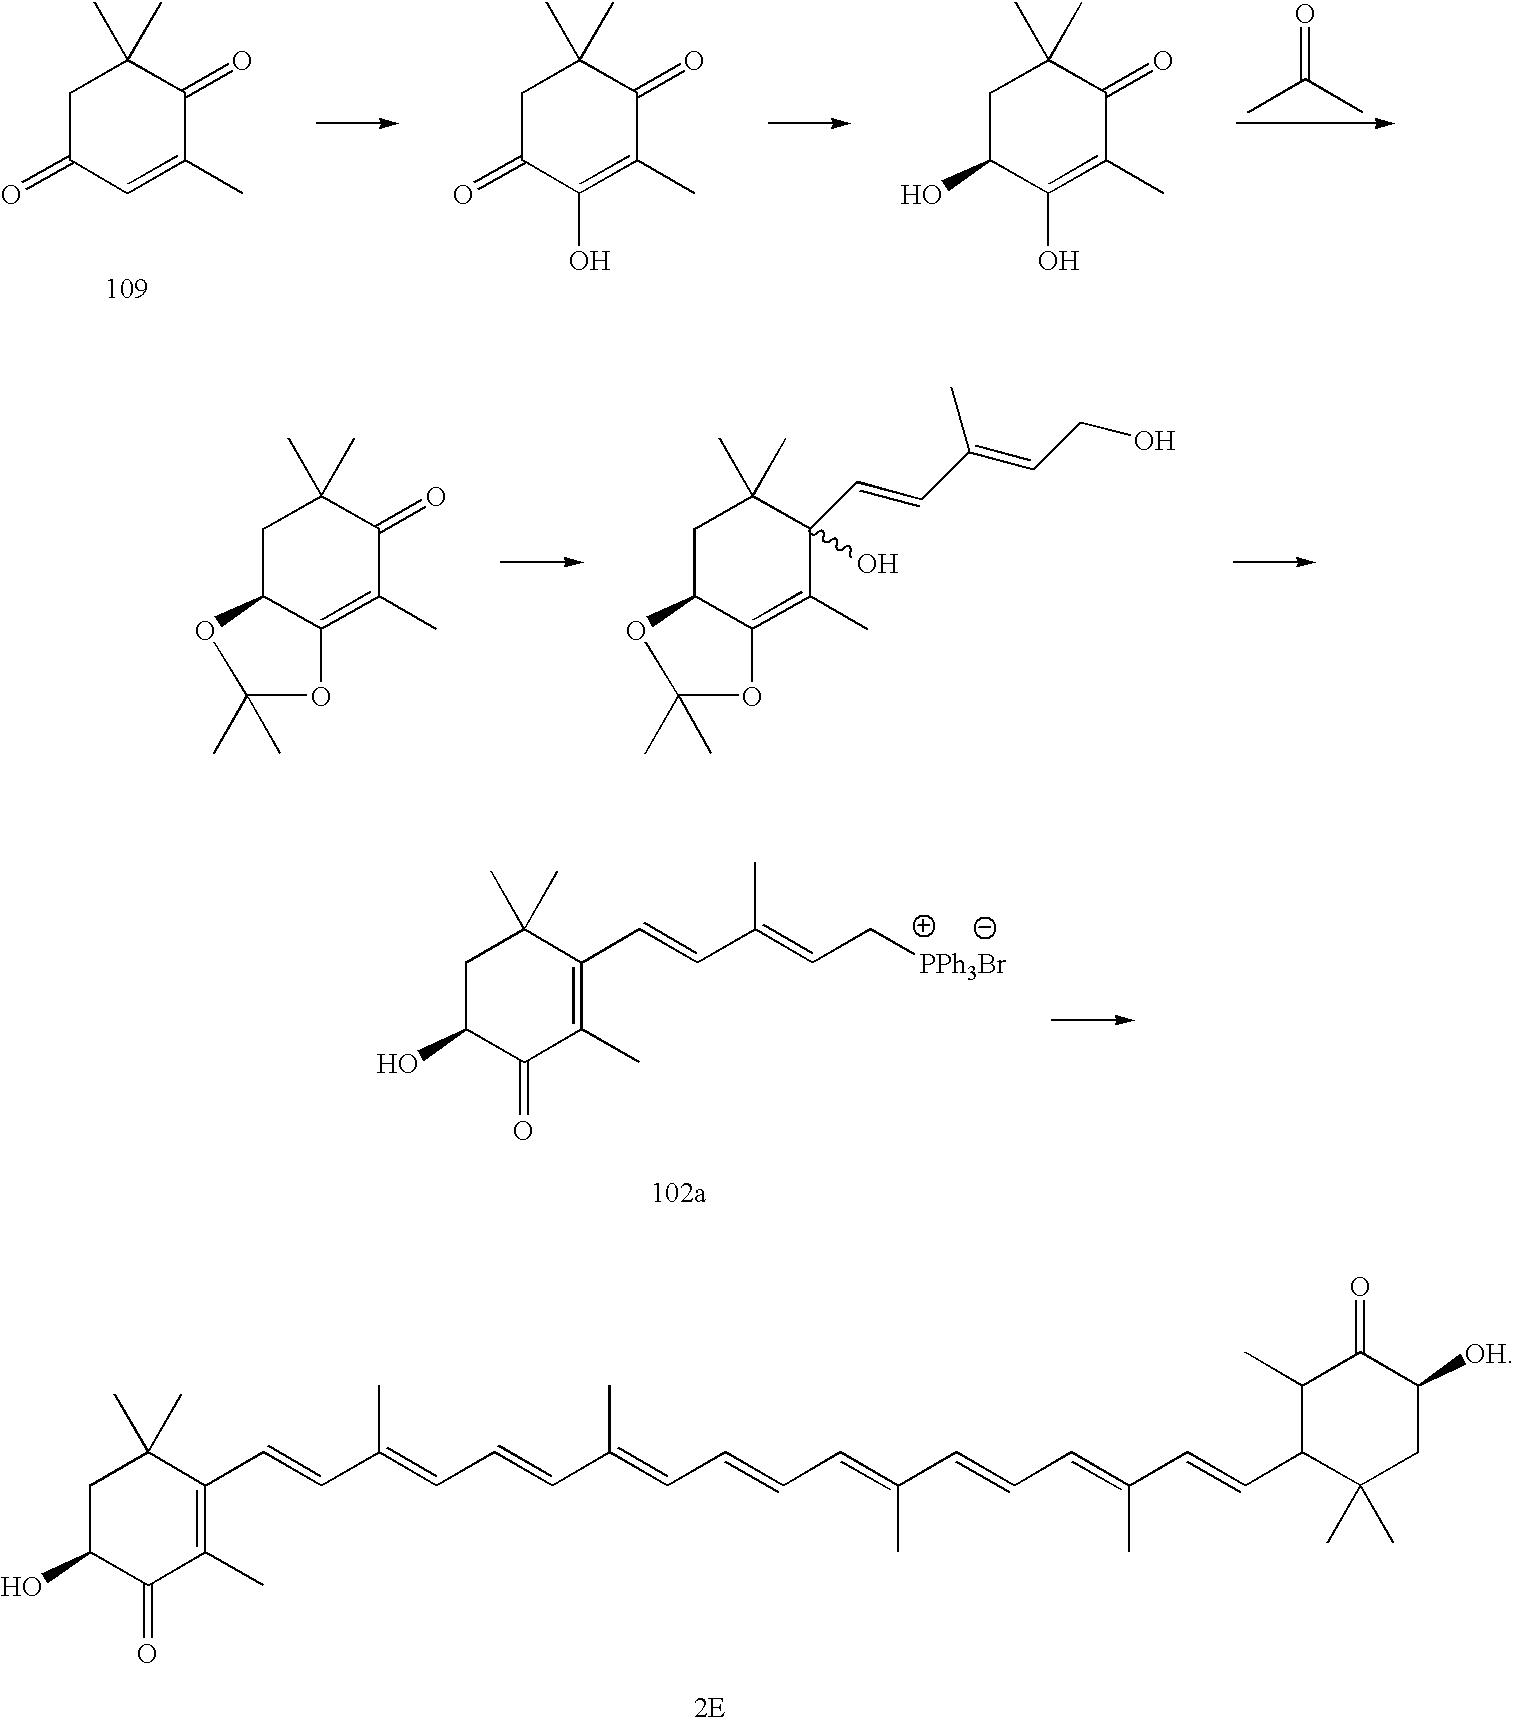 Figure US20060088905A1-20060427-C00068